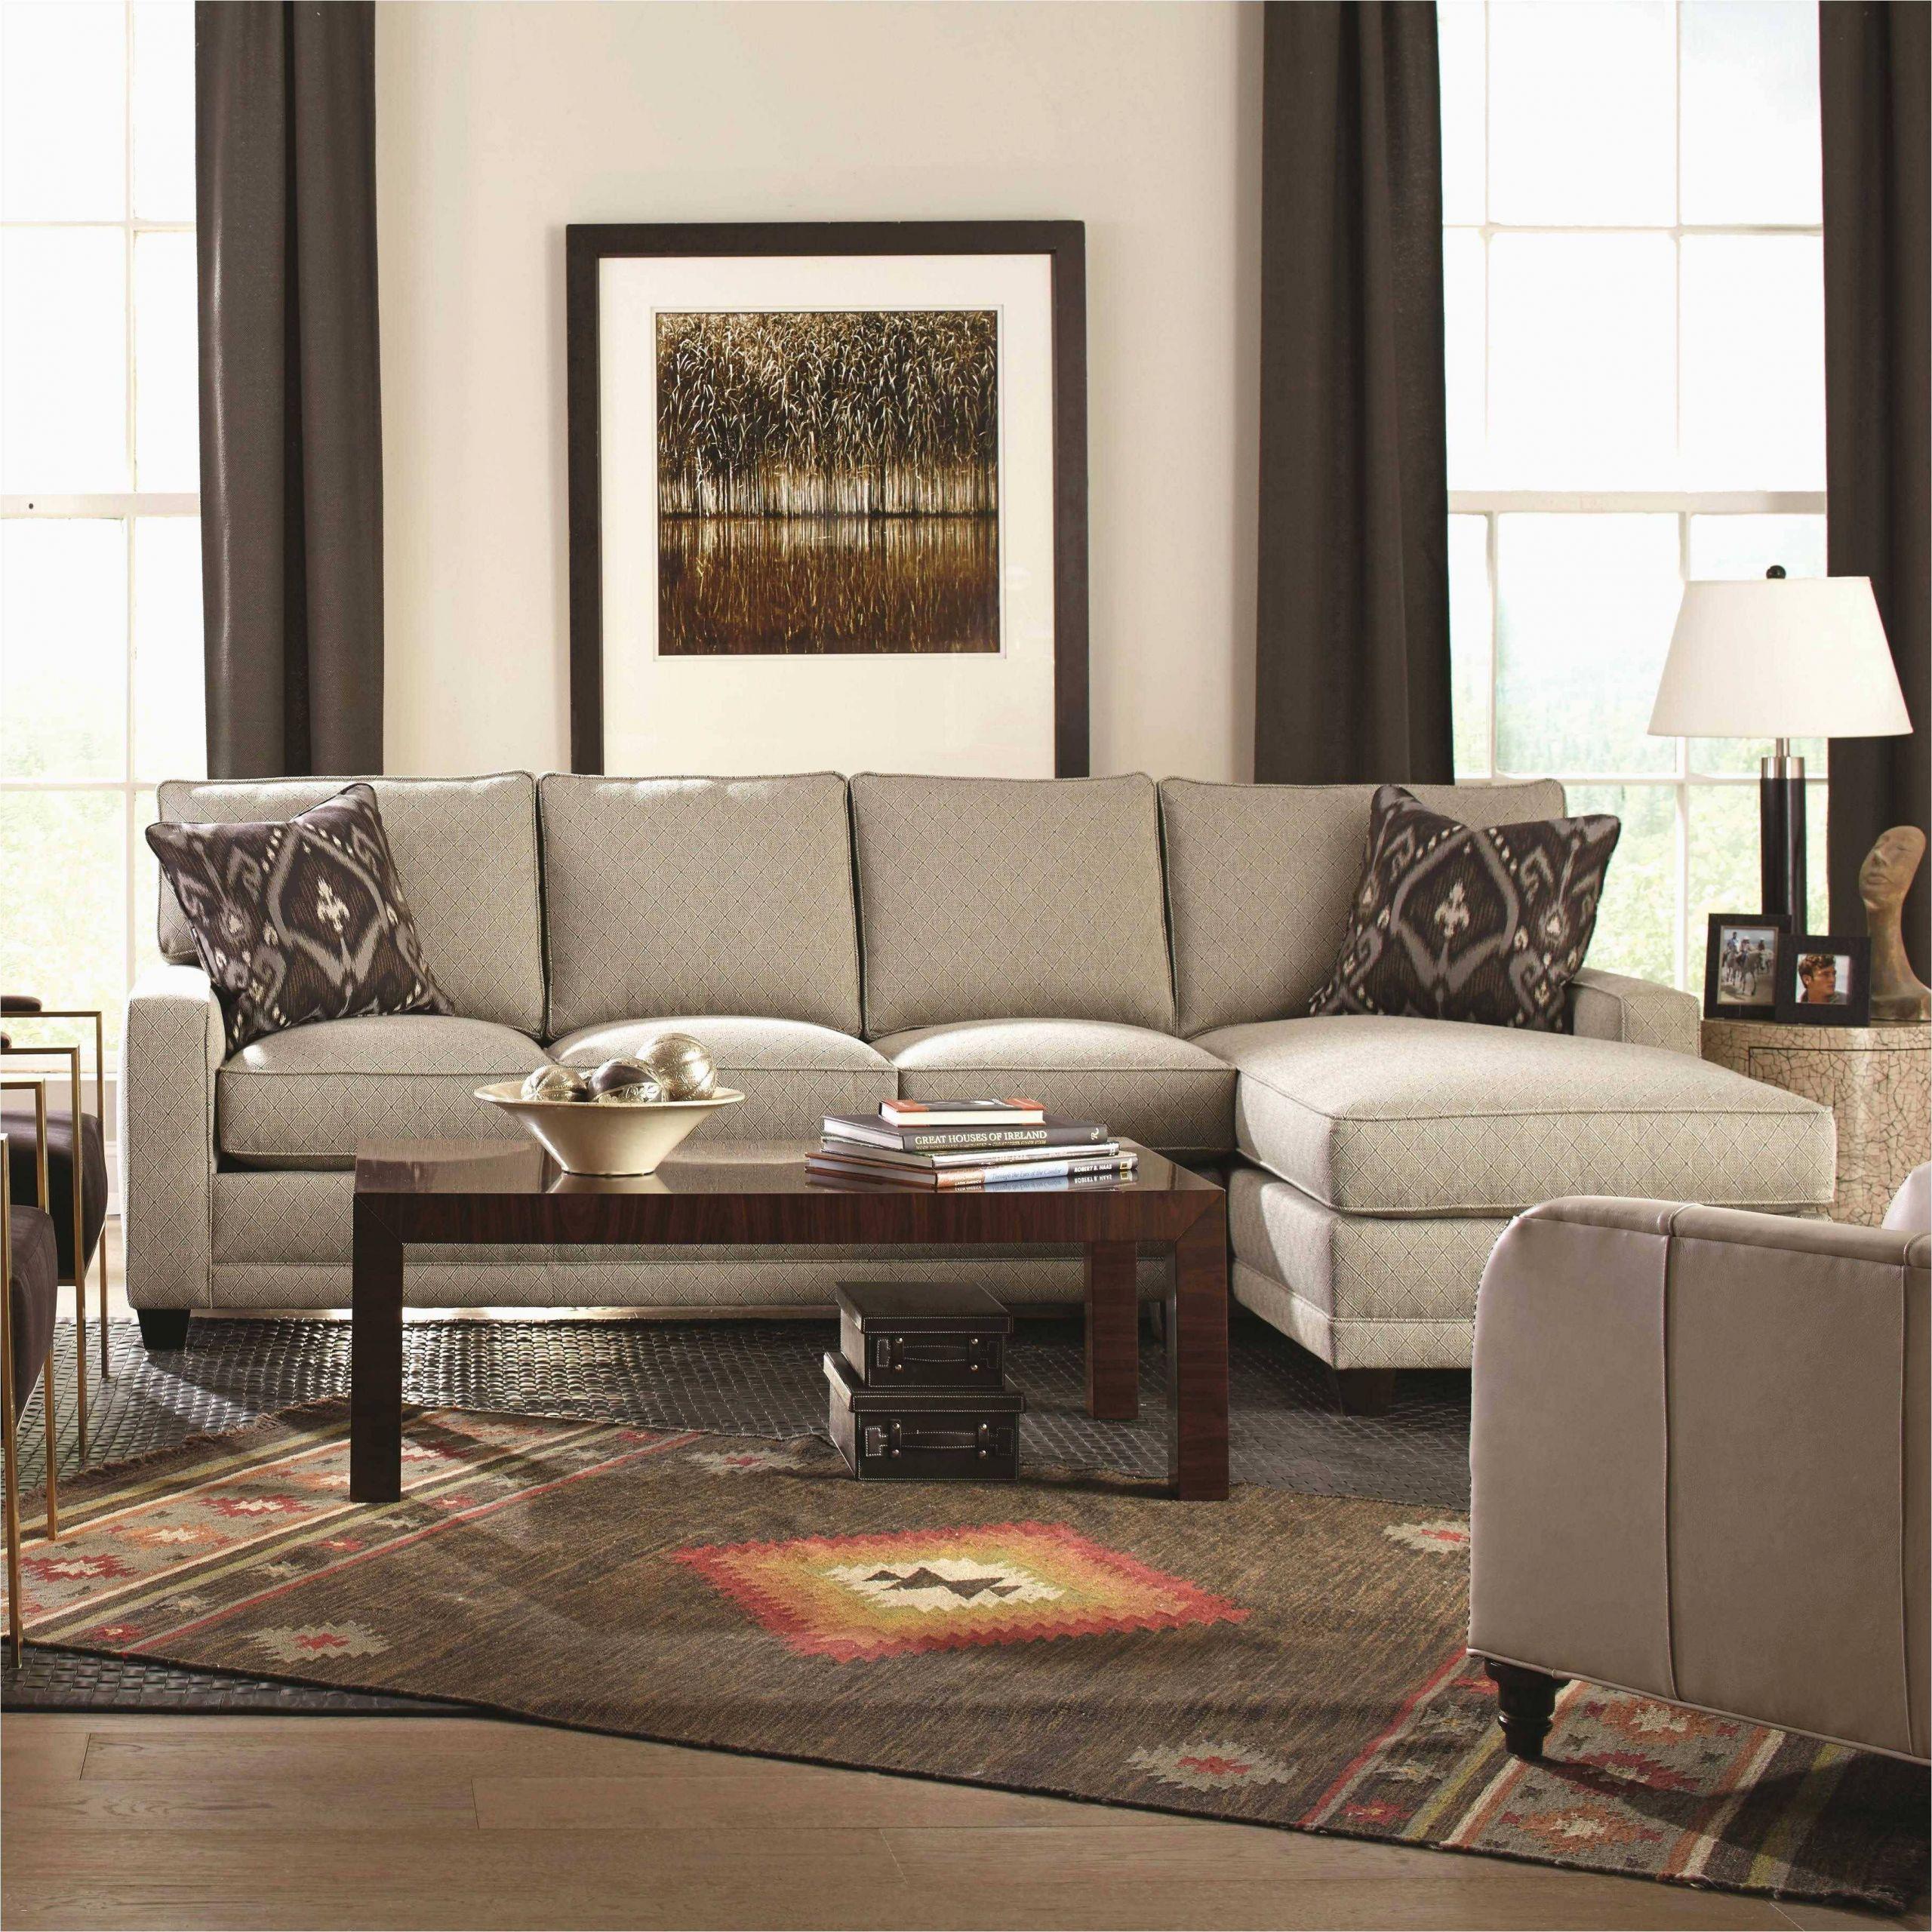 gunstige wohnzimmer ideen beste 45 luxus design designer stehlampen gunstig of gunstige wohnzimmer ideen